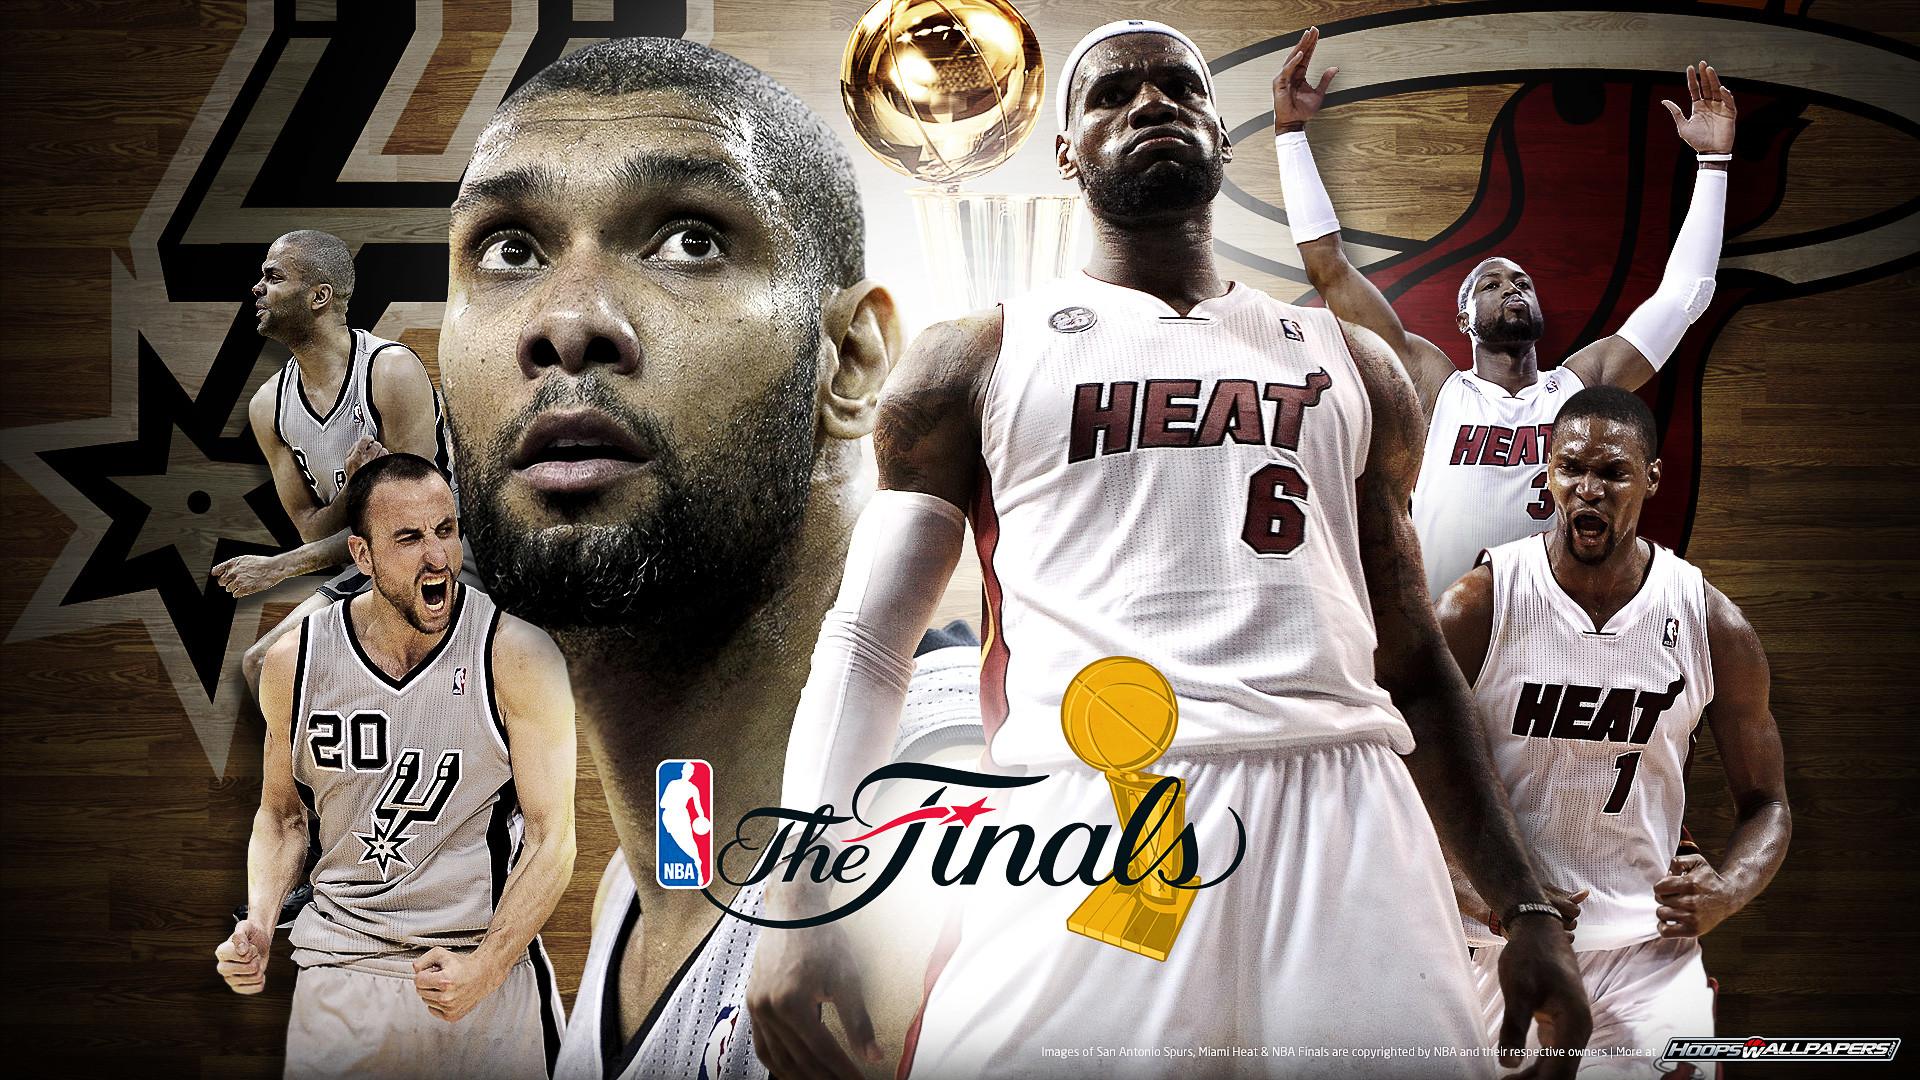 heat spurs wallpaper. NBA Finals …